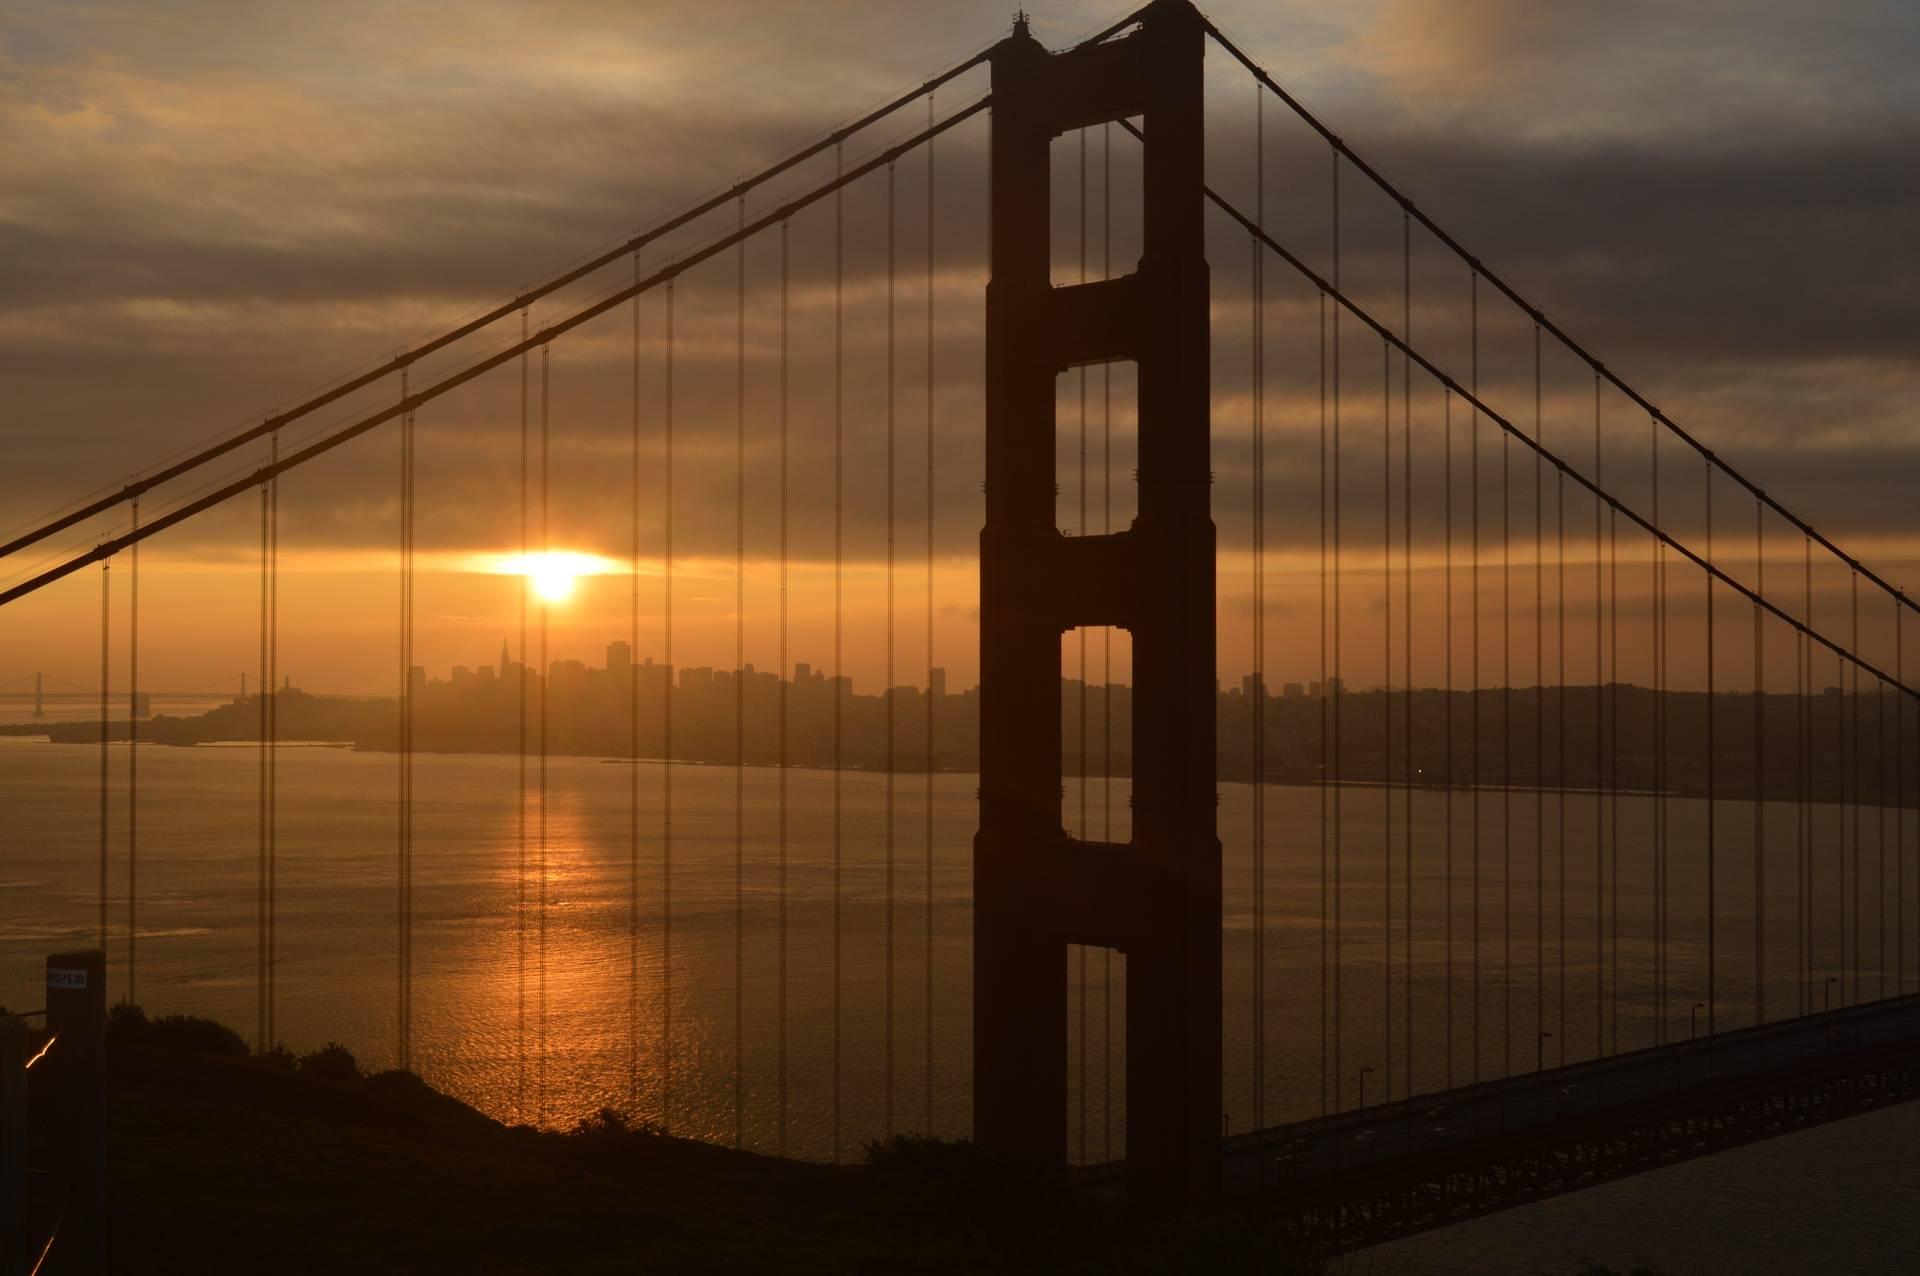 Cognac skies over the Bridge